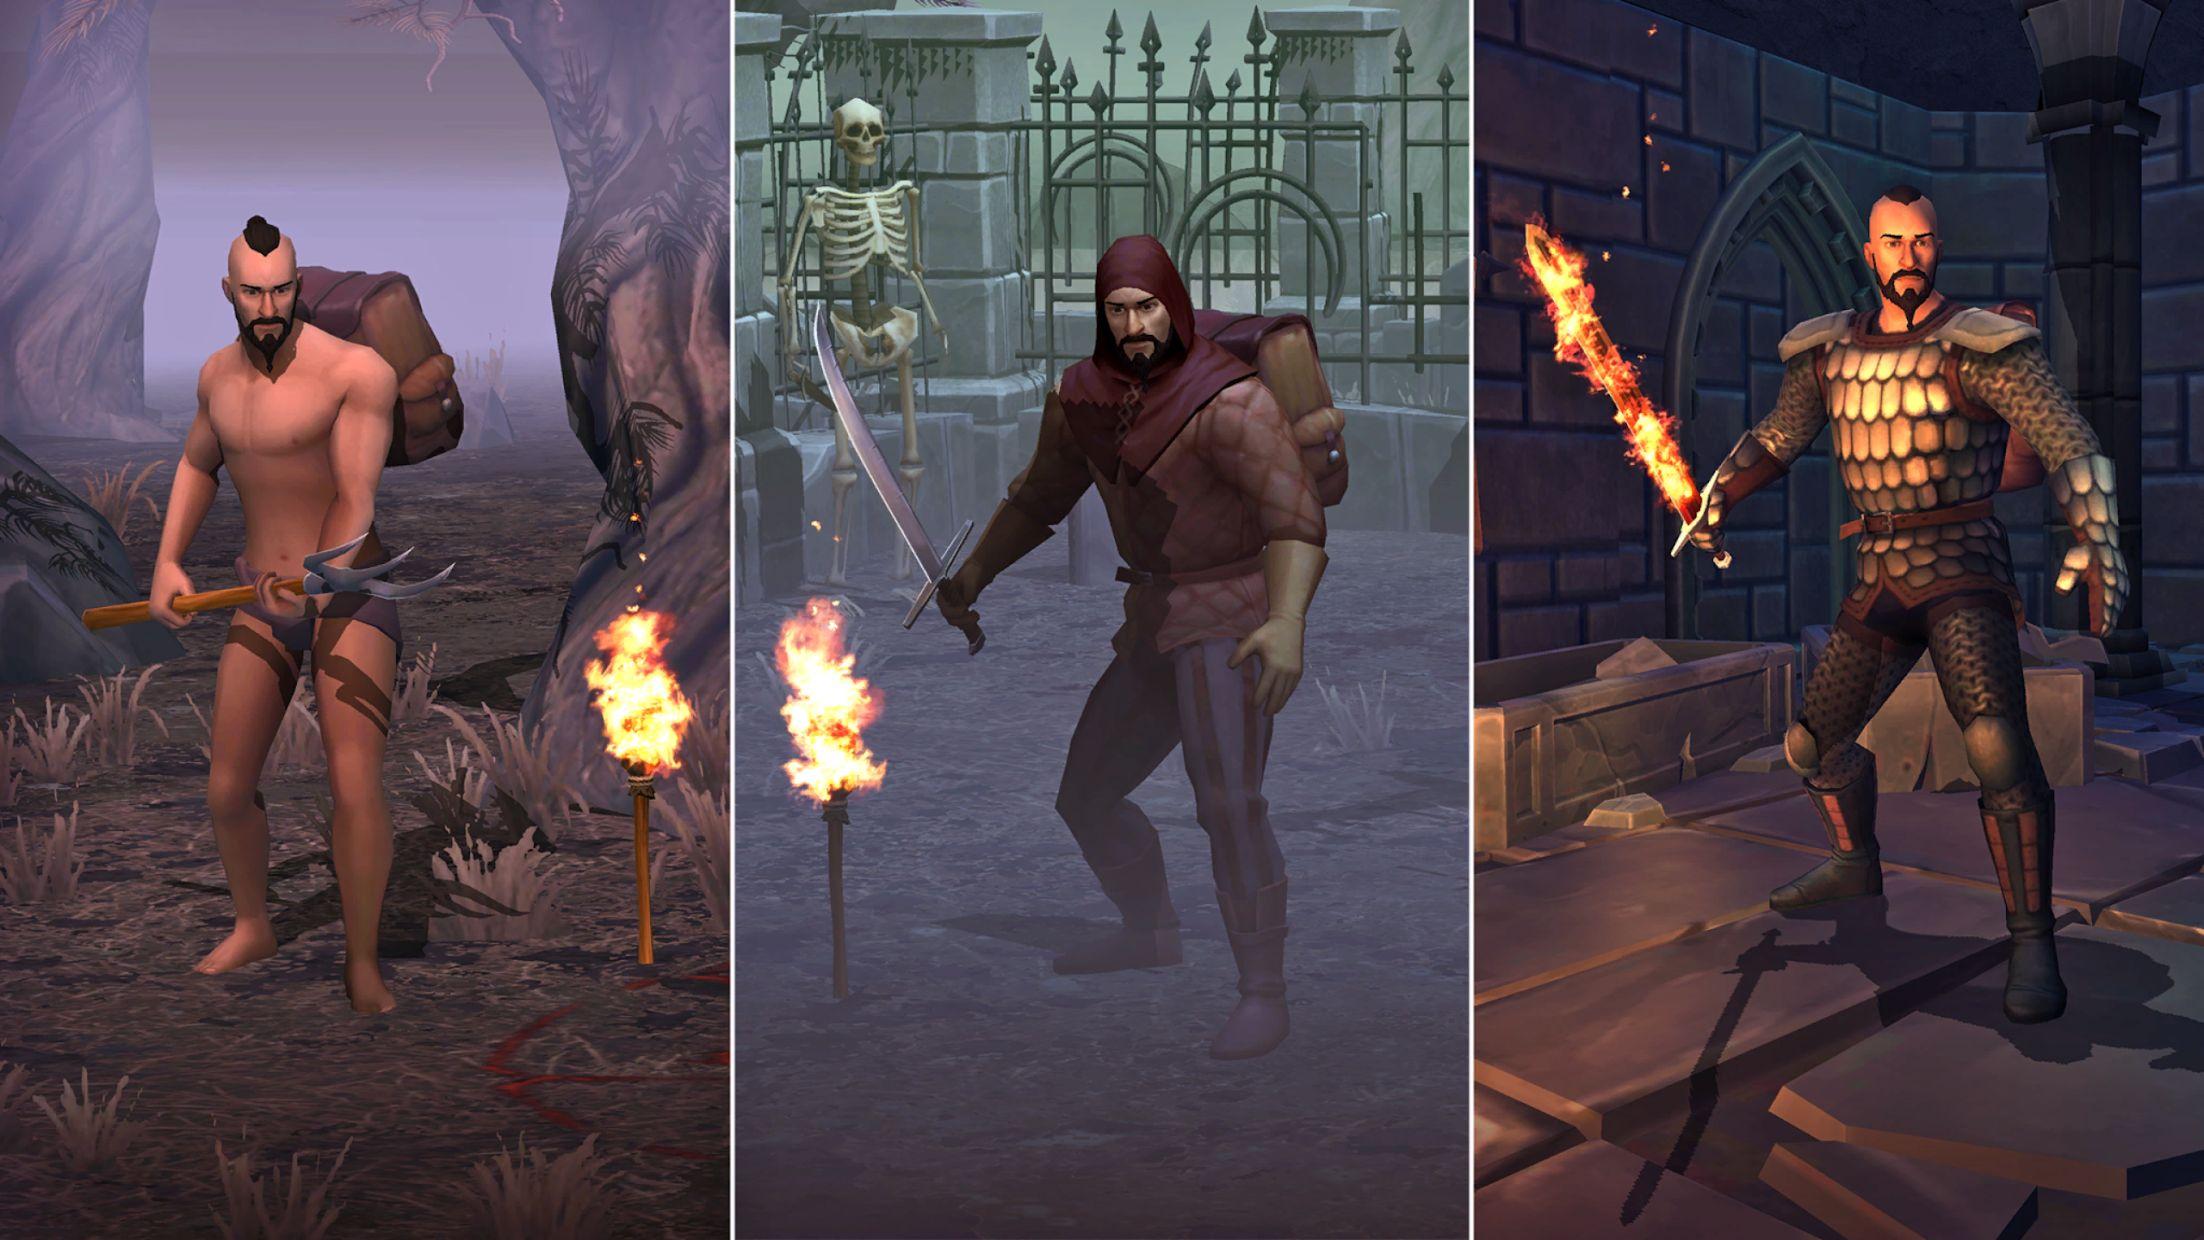 冷酷灵魂:黑暗幻想生存游戏 游戏截图4